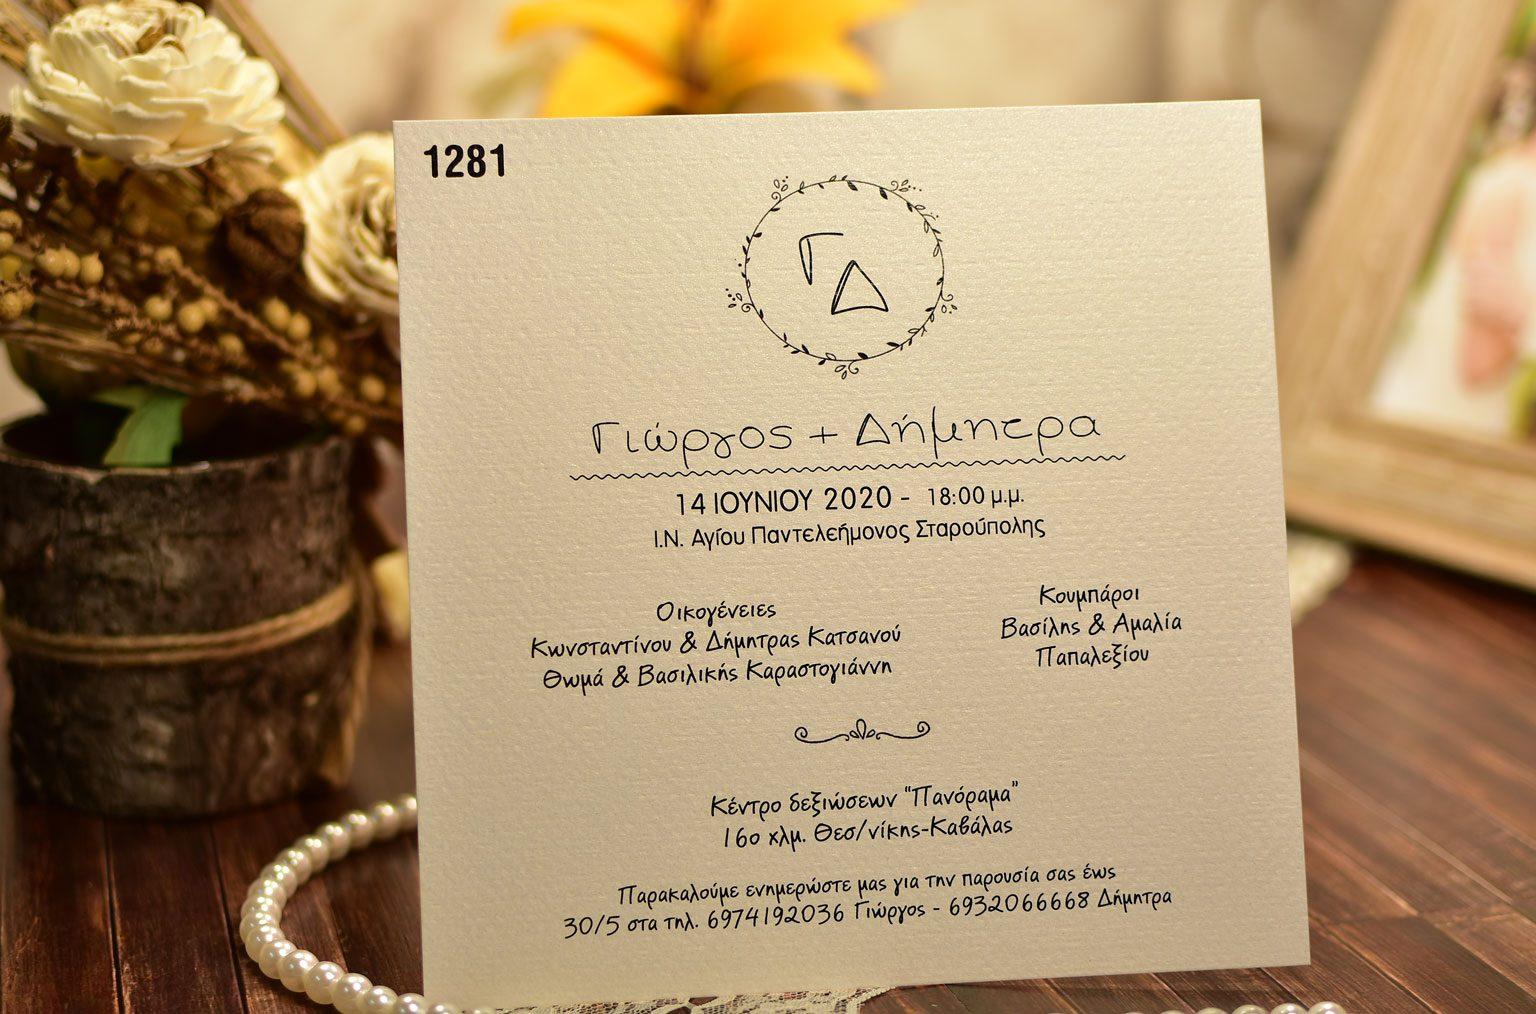 Προσκλητήριο Γάμου Σκίτσο